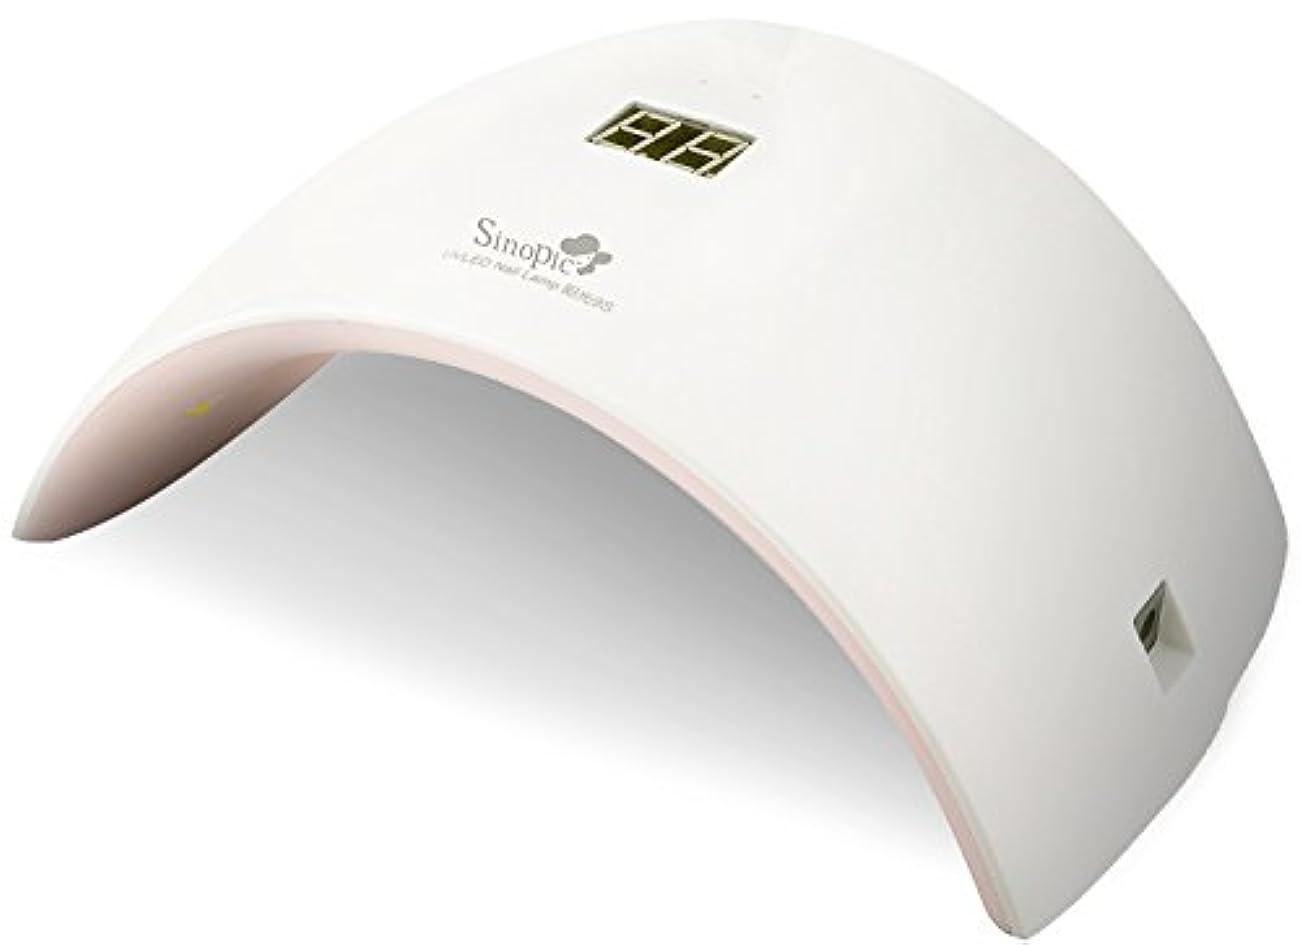 ウィスキー本質的ではない打倒Sinopic ネイルドライヤー 硬化ライト 自動センサ式 UV+ LEDライト 24W ジェルネイル マニキュアゲル 赤外線感知 品番:9S